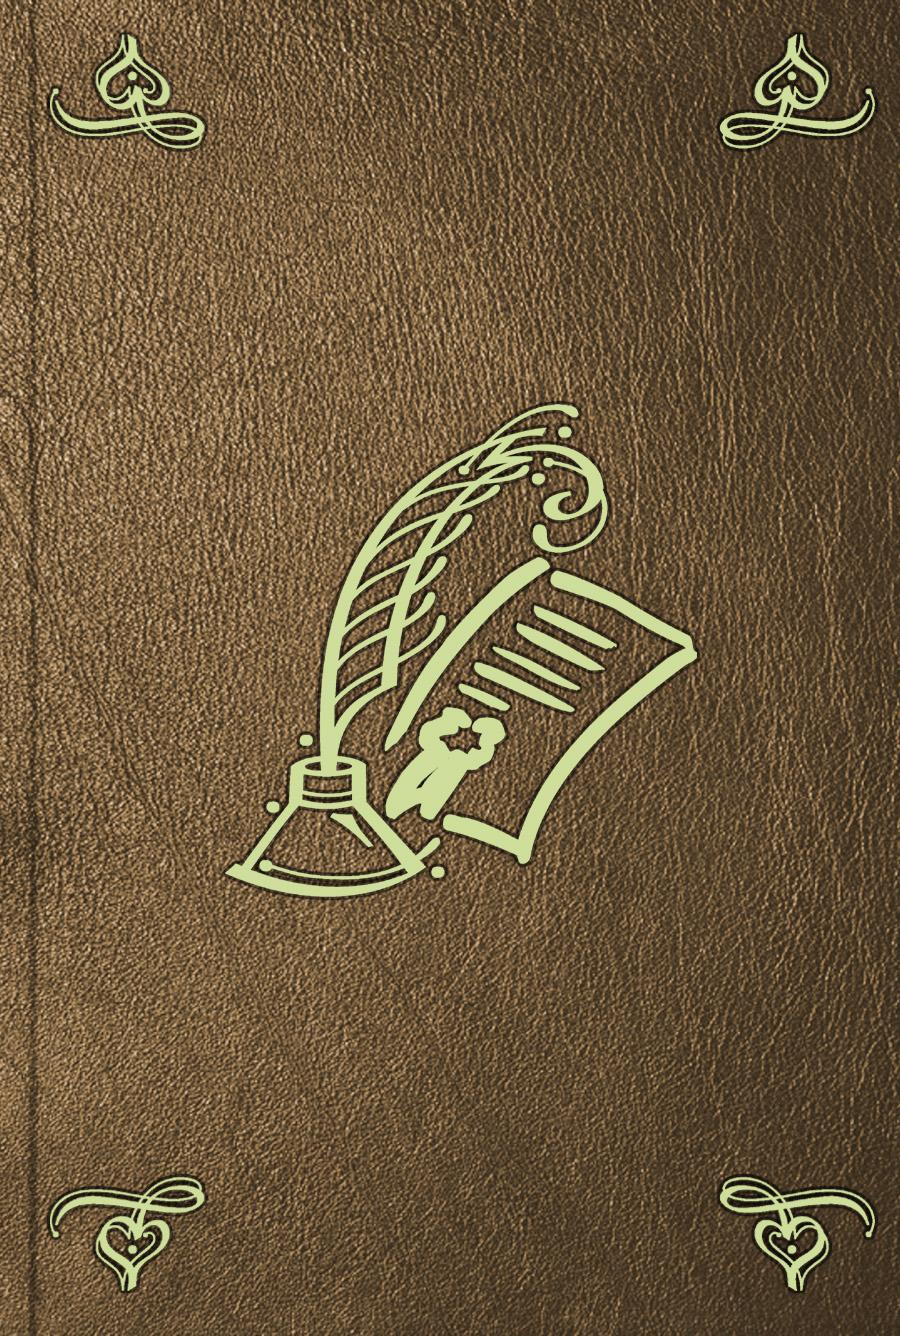 Отсутствует Rapport historique sur les progres des sciences mathematiques depuis 1789, et sur leur etat actuel napoléon joseph charles paul bonaparte rapport sur l exposition universelle de 1855 presente a l empereur par s a i le prince napoleon president de la commission classic reprint